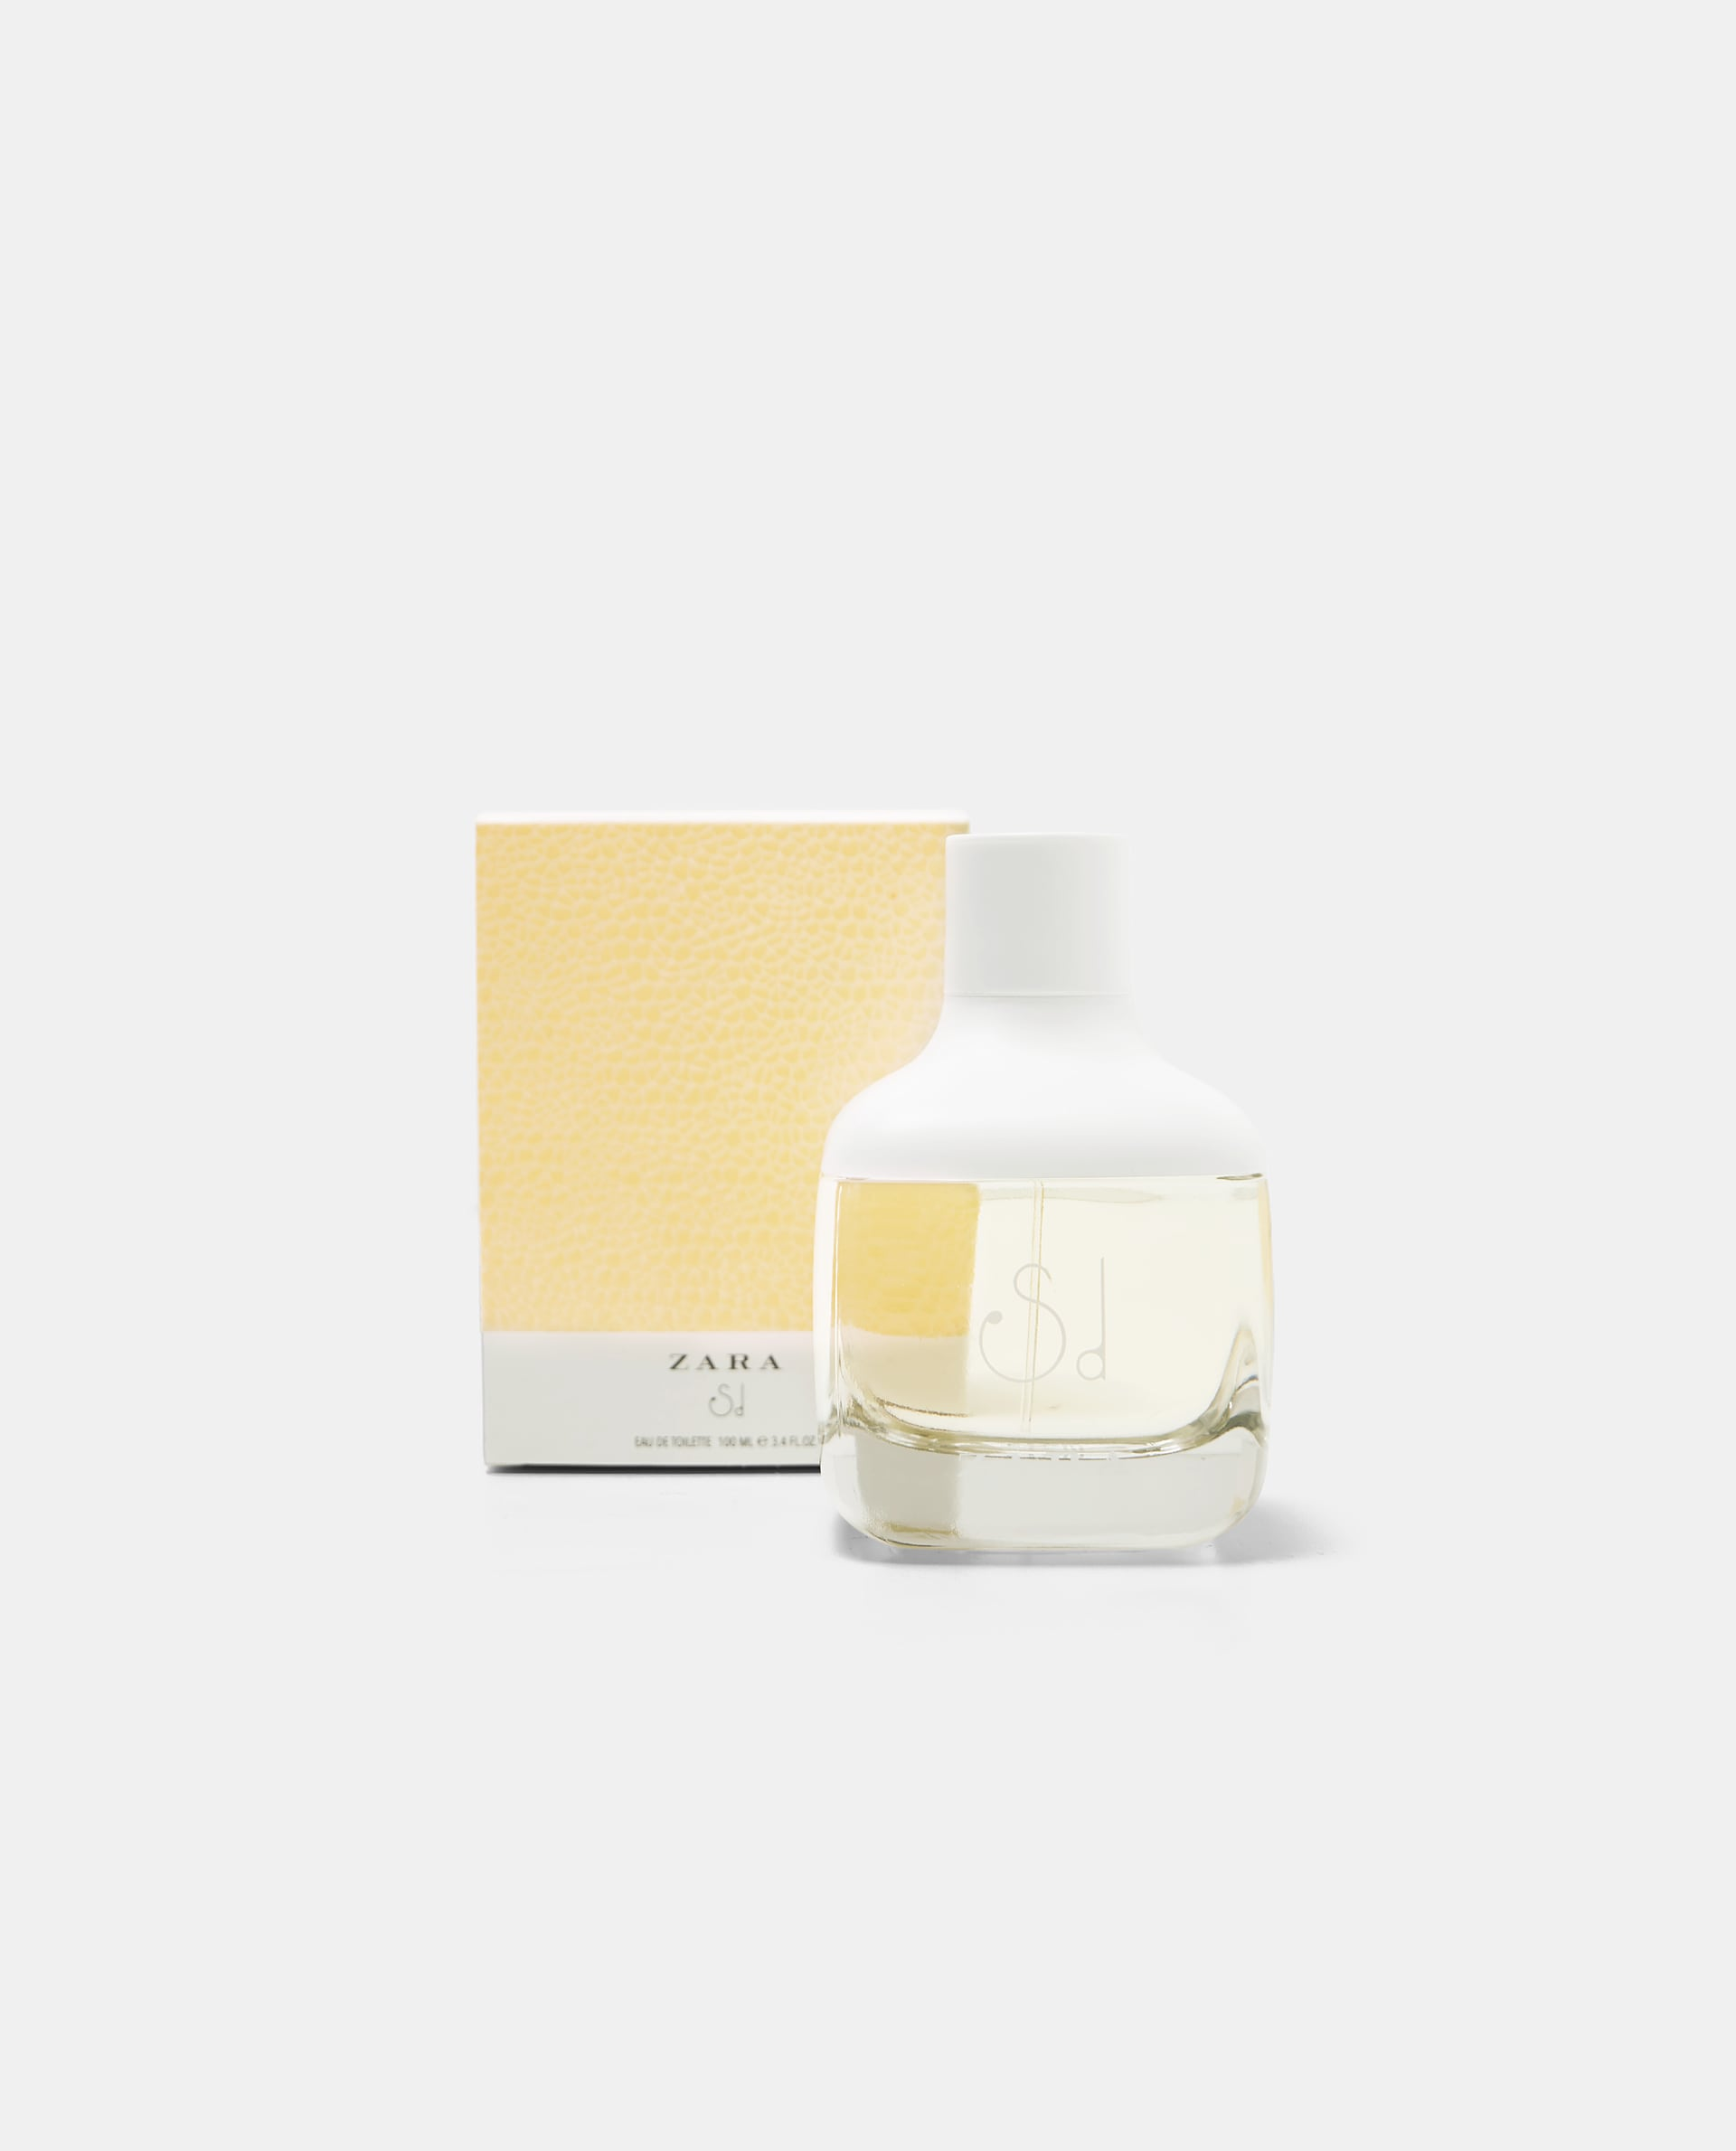 Solar Sd Zara parfum - un nouveau parfum pour femme 2018 1fdbf7c668fe